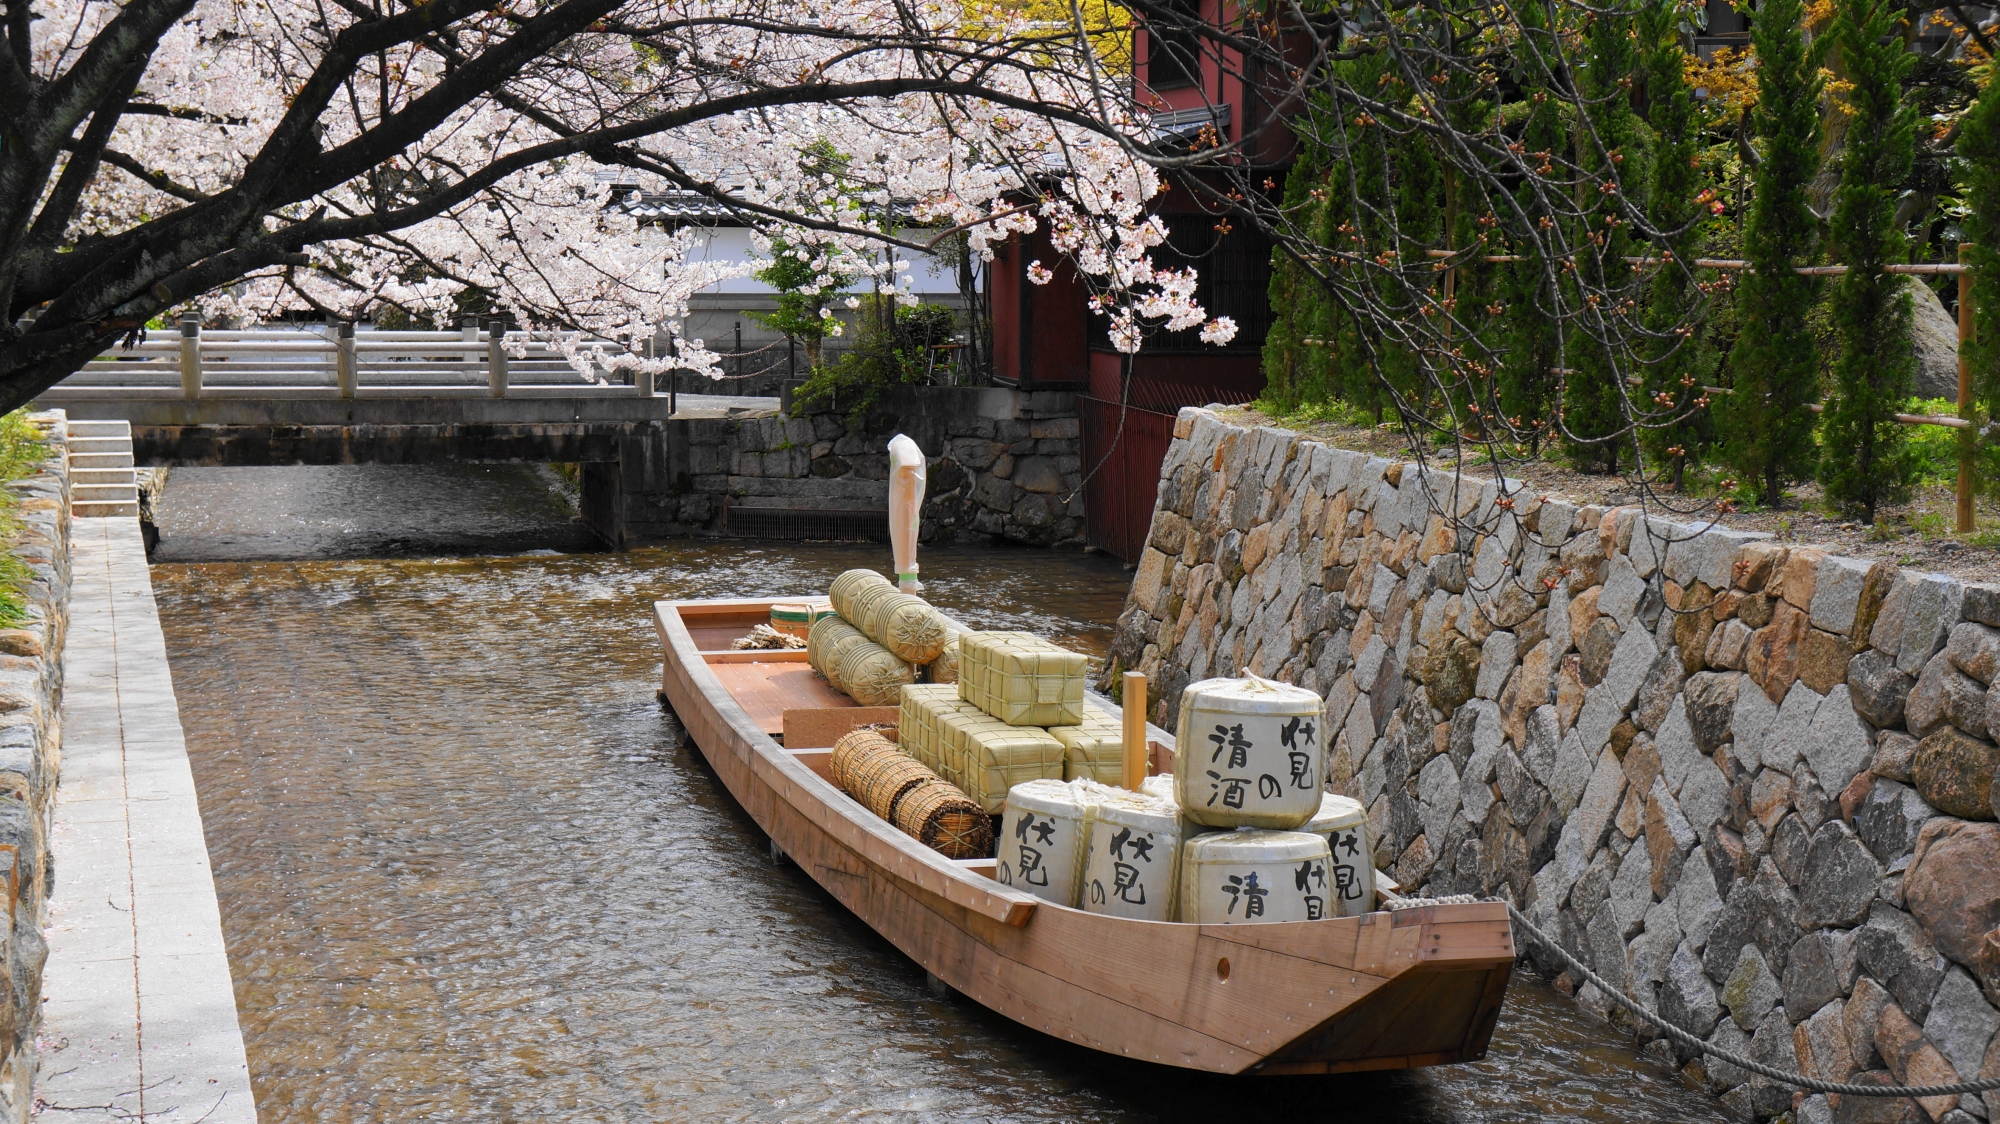 高瀬川一之船入にとまる高瀬舟と桜